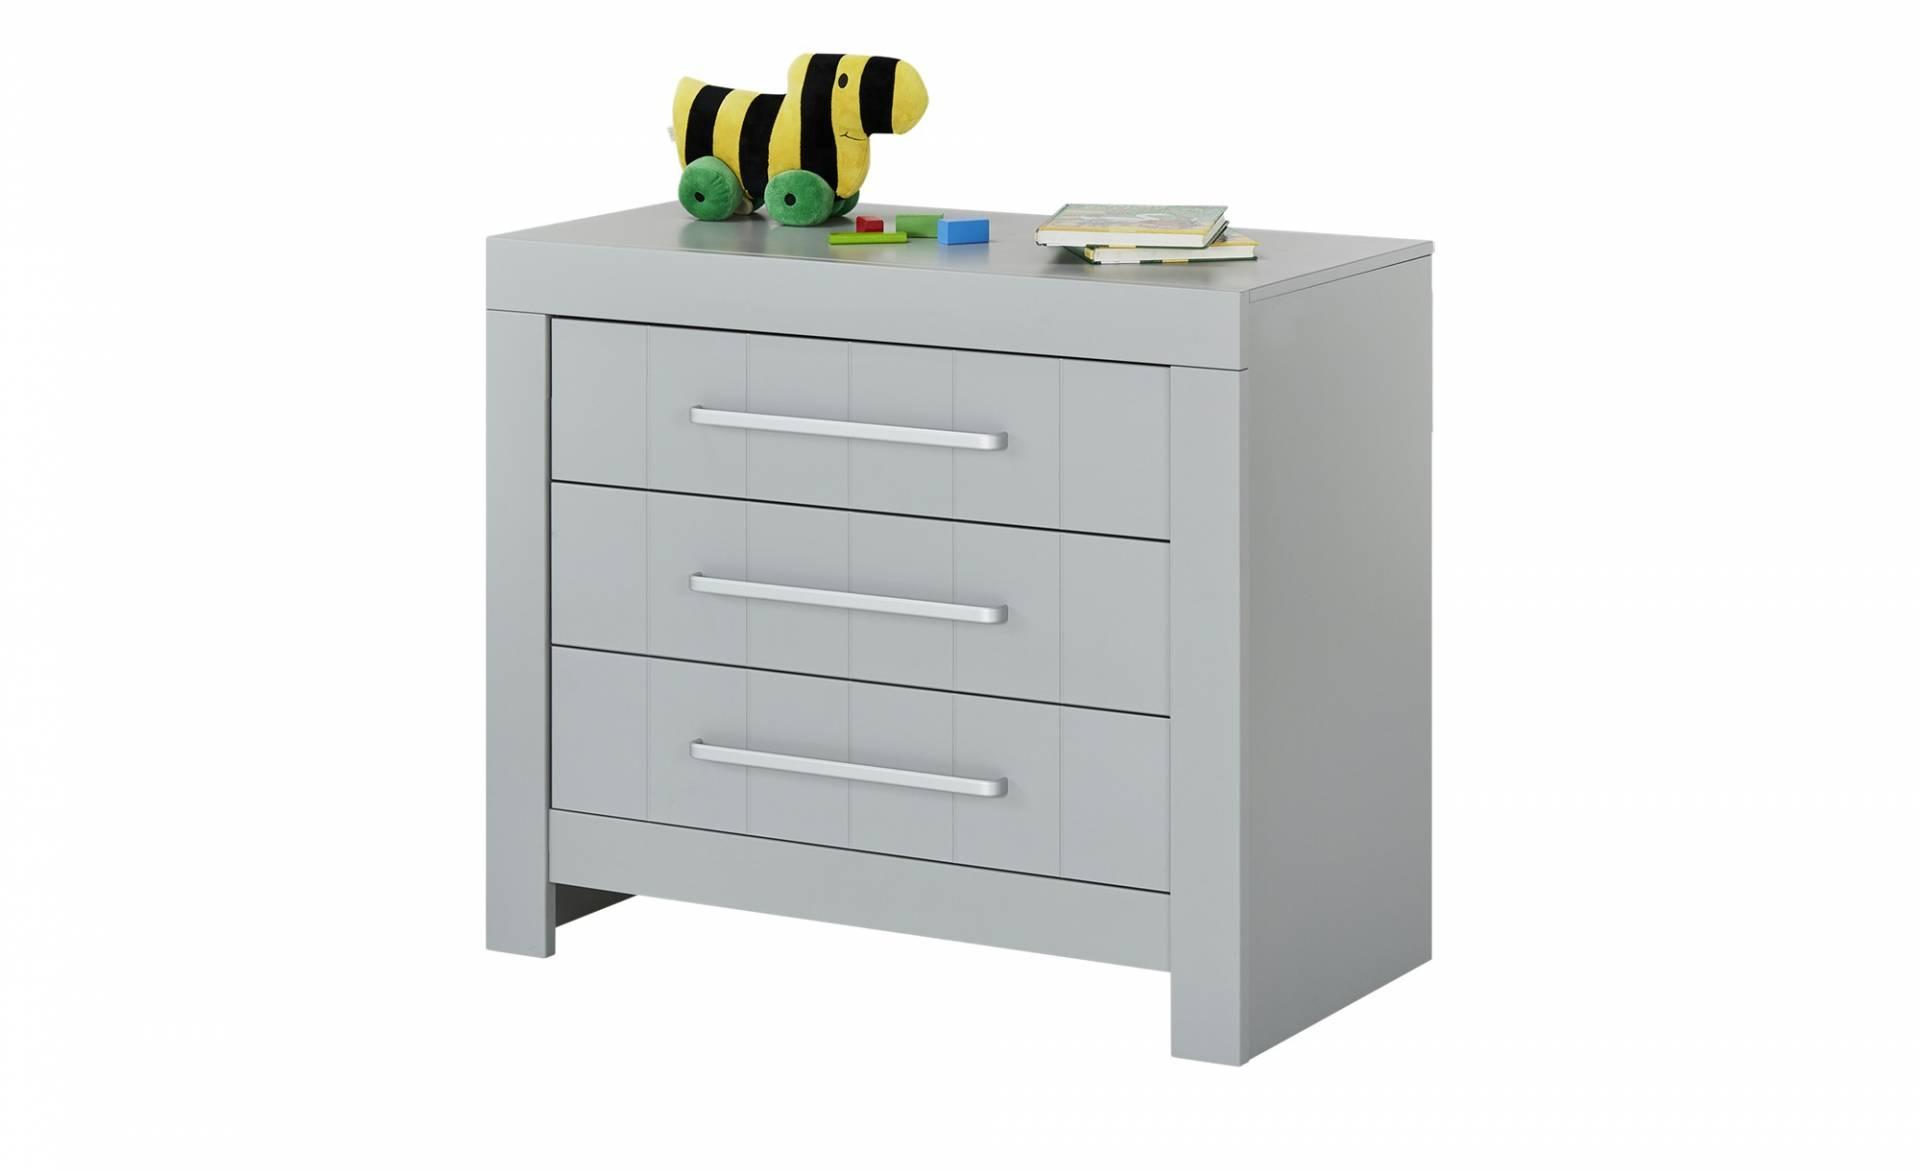 kommoden sideboards und weitere m bel f r kinderzimmer bei m bel h ffner online kaufen bei. Black Bedroom Furniture Sets. Home Design Ideas